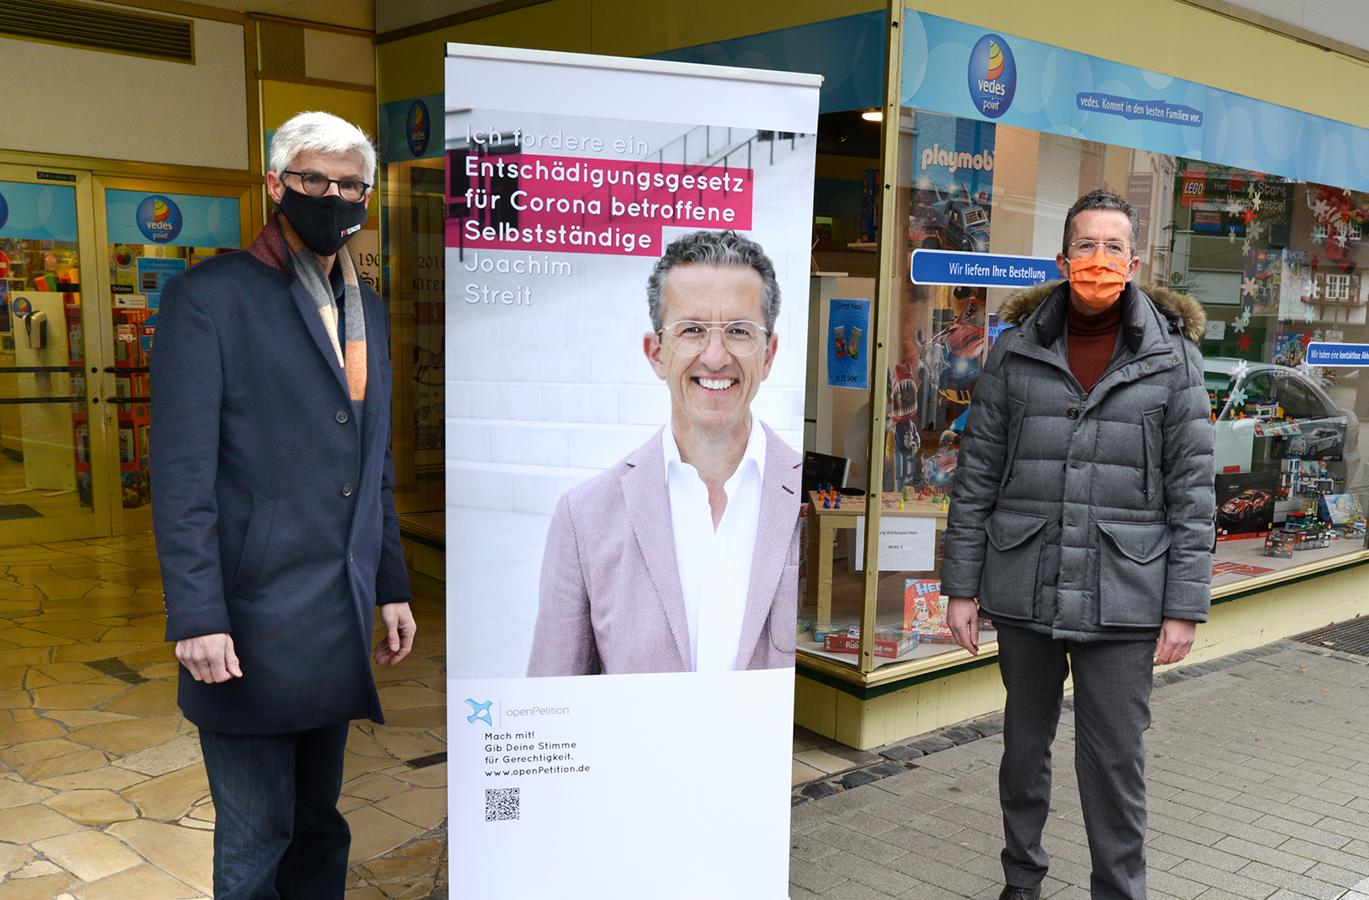 Landtagskandidat Reiner Friedsam und Joachim Streit fordern die versprocheme schnelle Zahlung der Coronahilfen